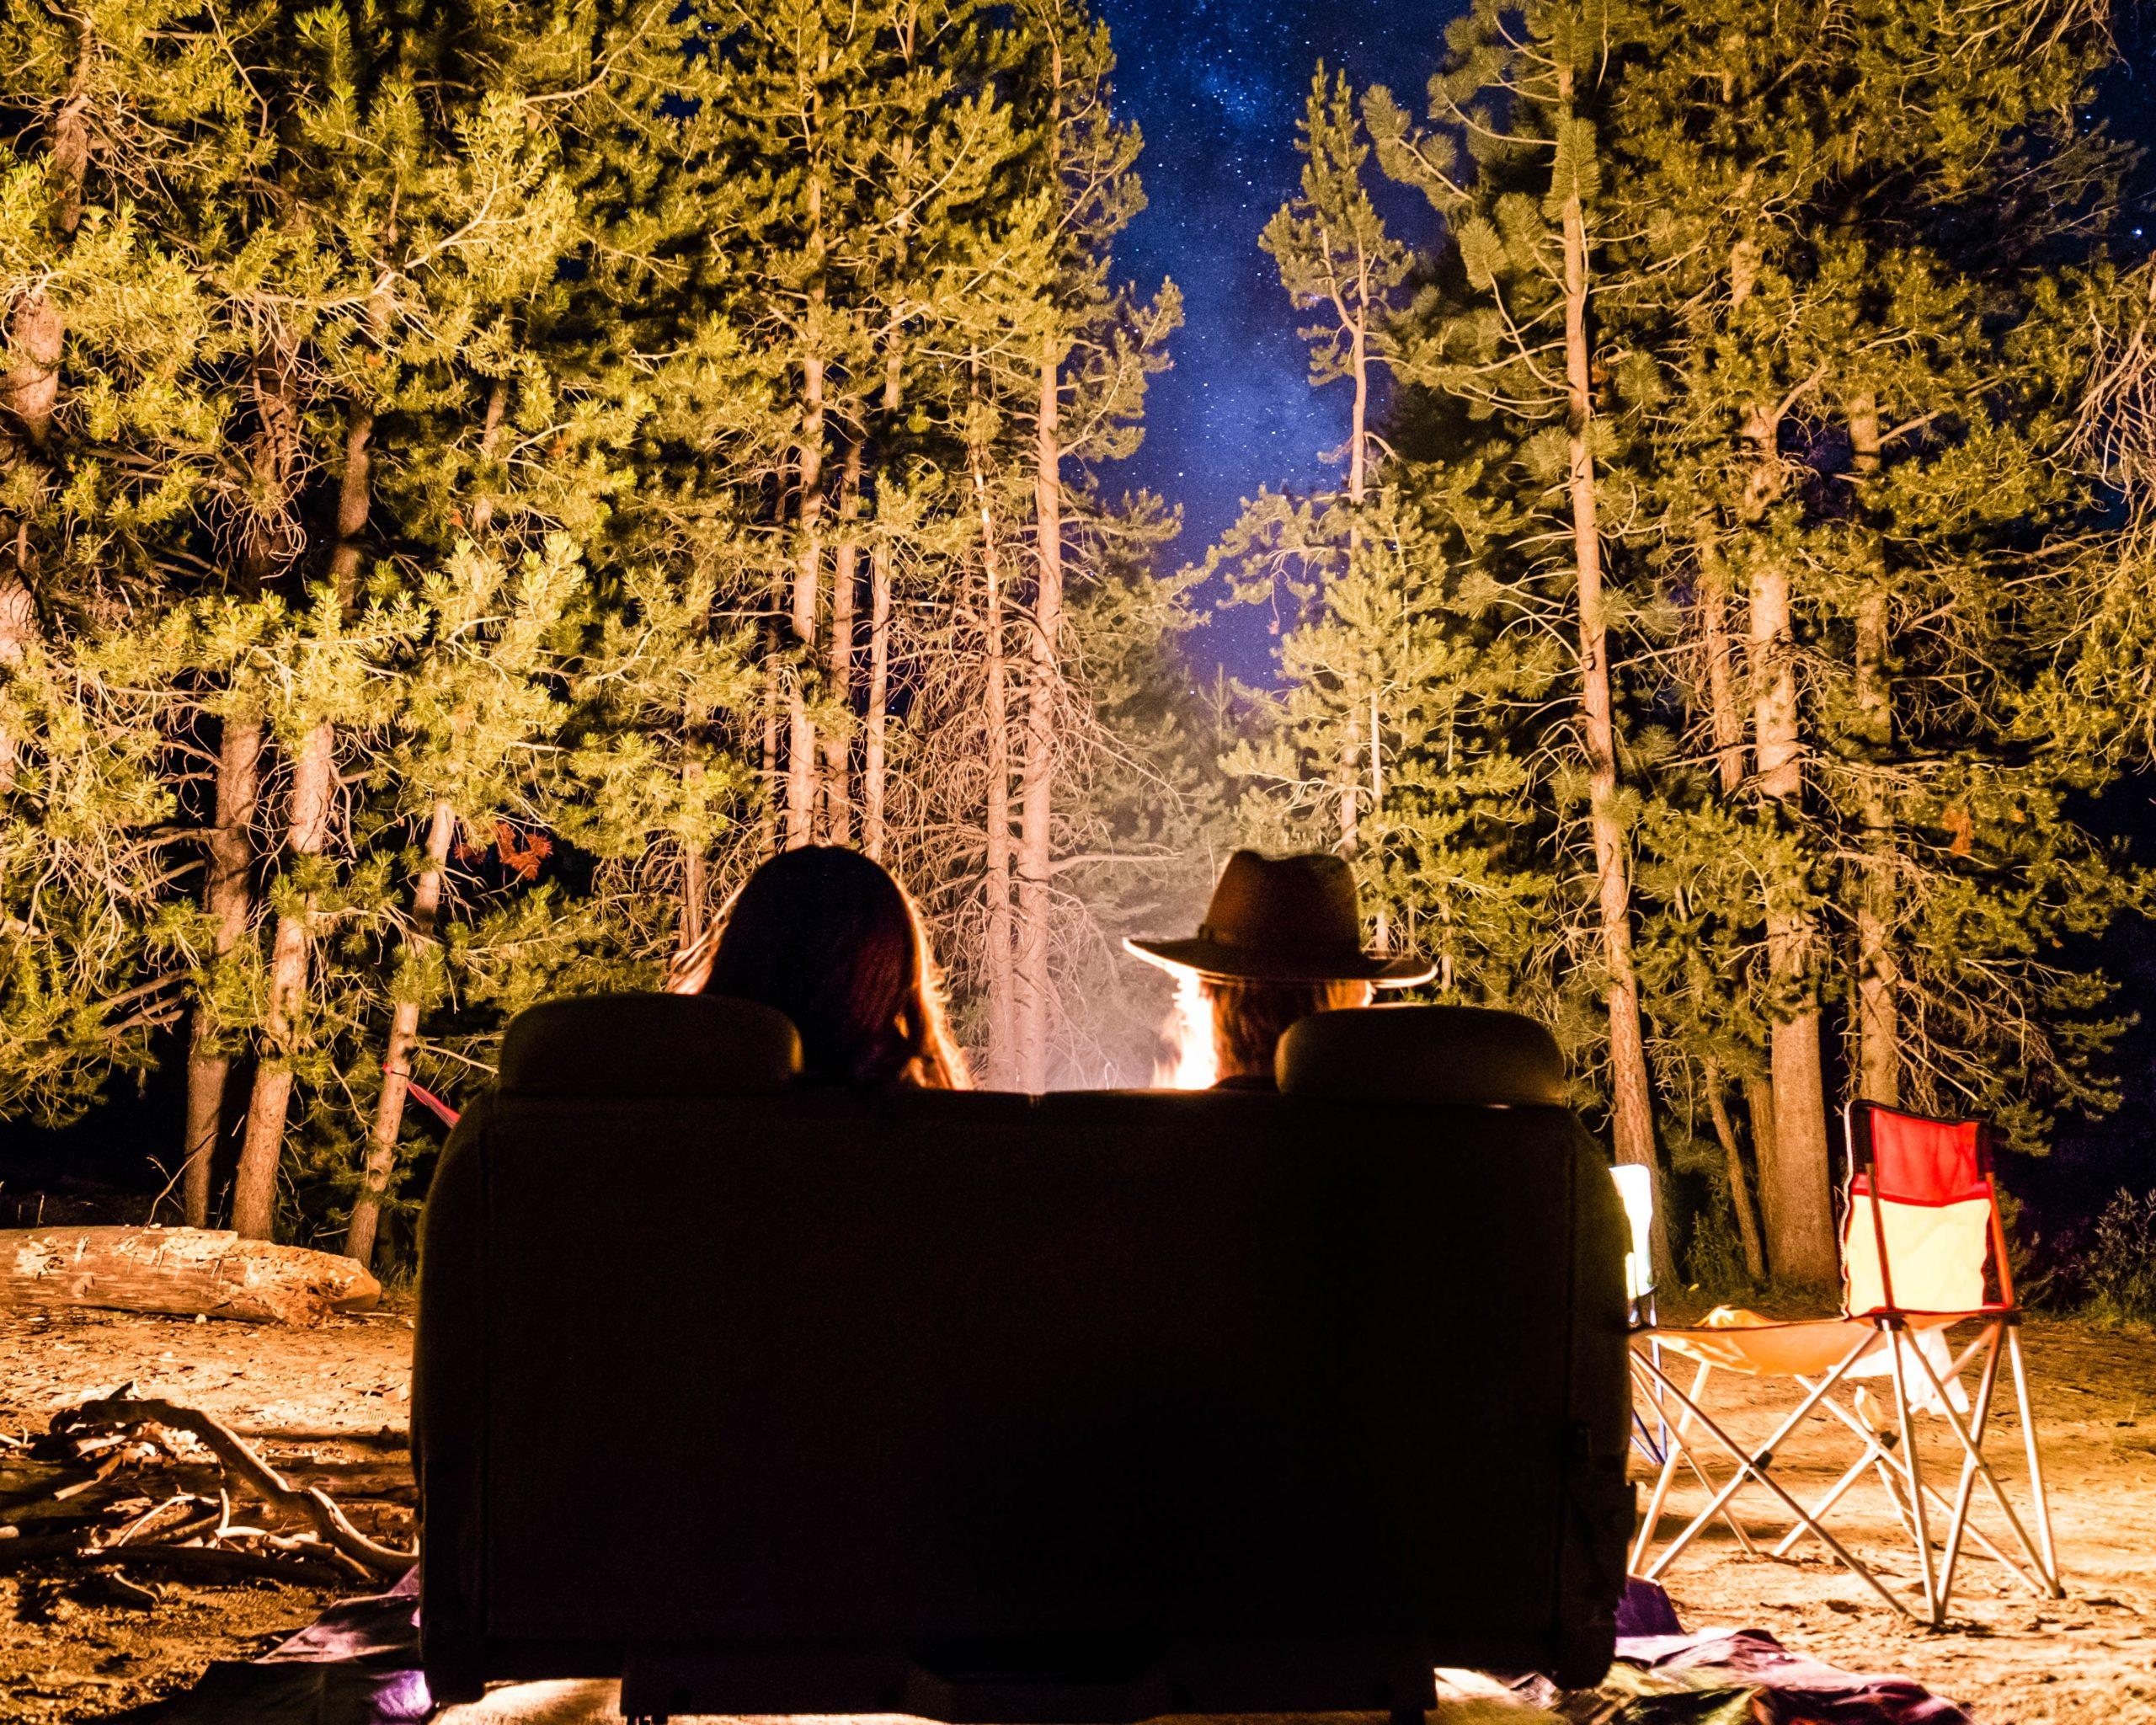 【UJack】ユージャックのテントは冬でも快適?キャンプ初心者にお得なテント